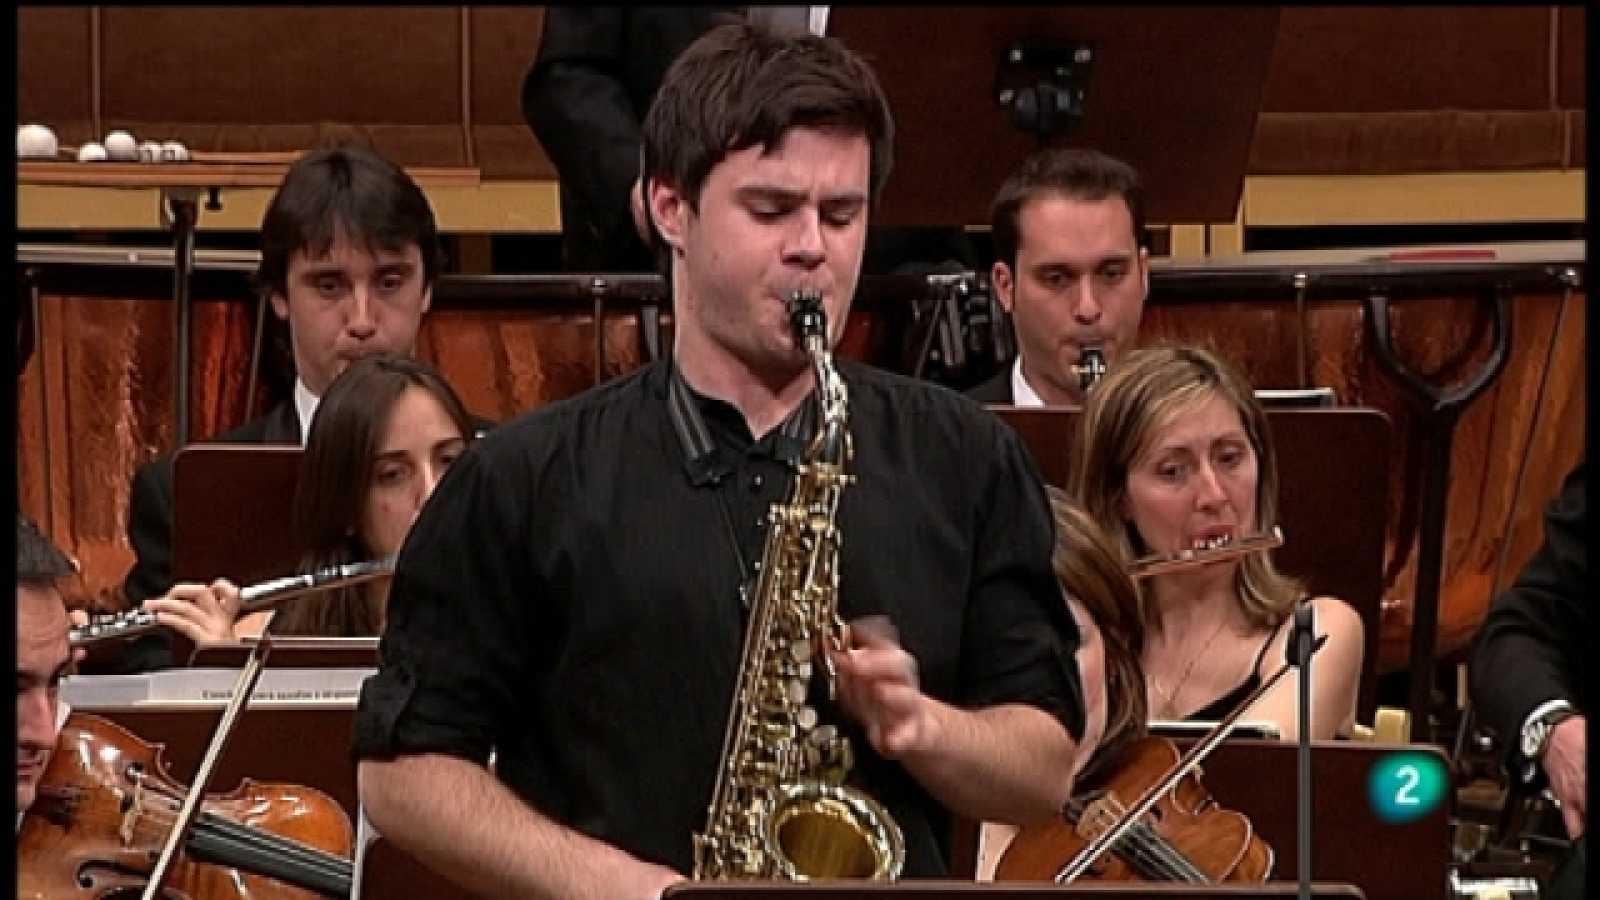 Los conciertos de La 2 - Ciclo Jóvenes músicos nº 4 - Ver ahora